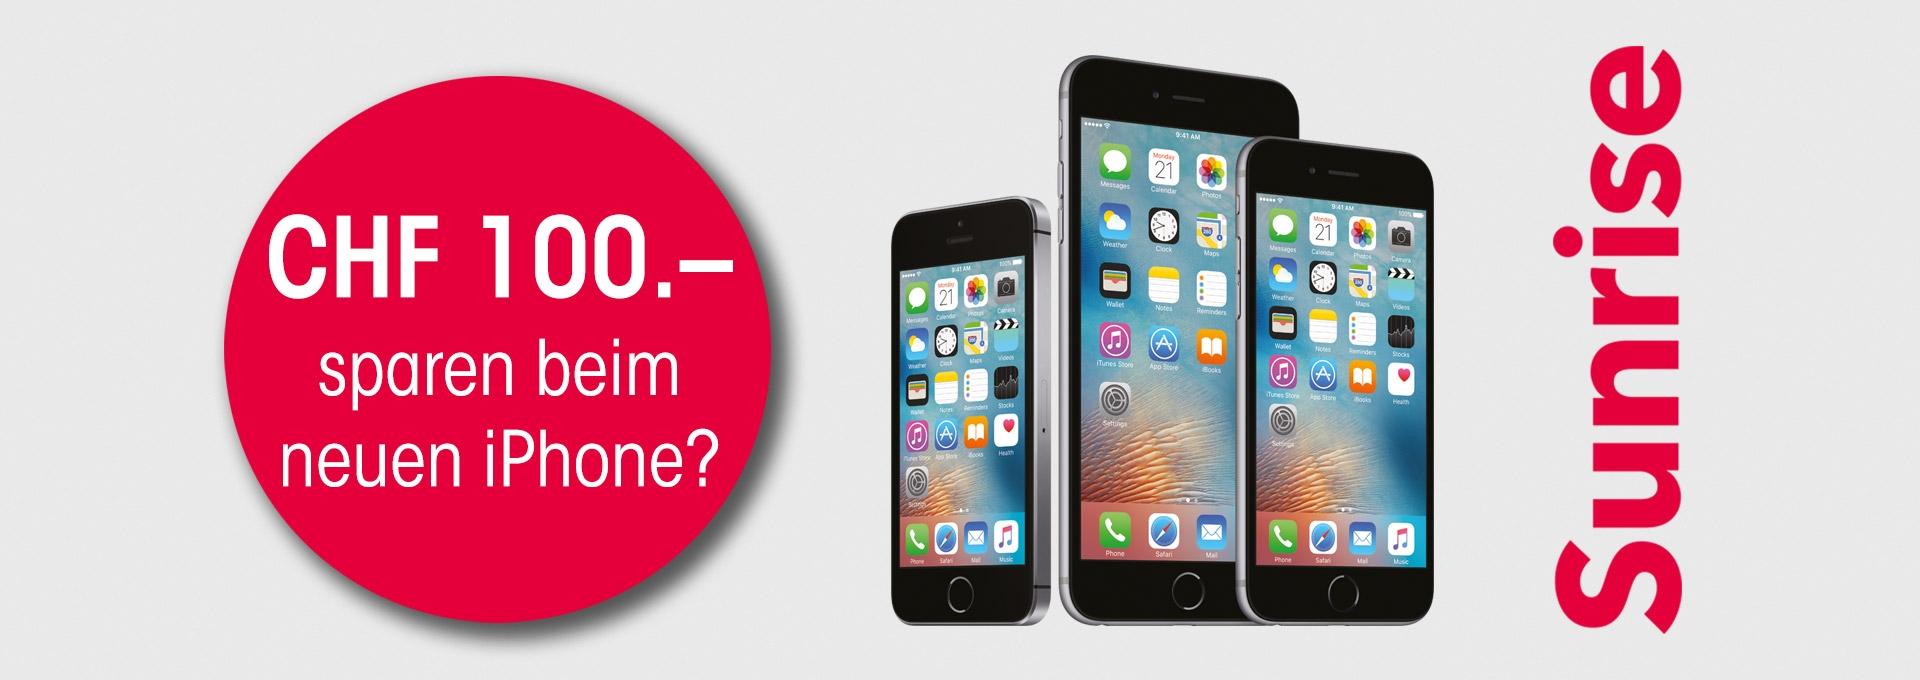 Sunrise Abo mit 100.– Reduktion auf iPhone & iPhone SE 32 Spez-Preis